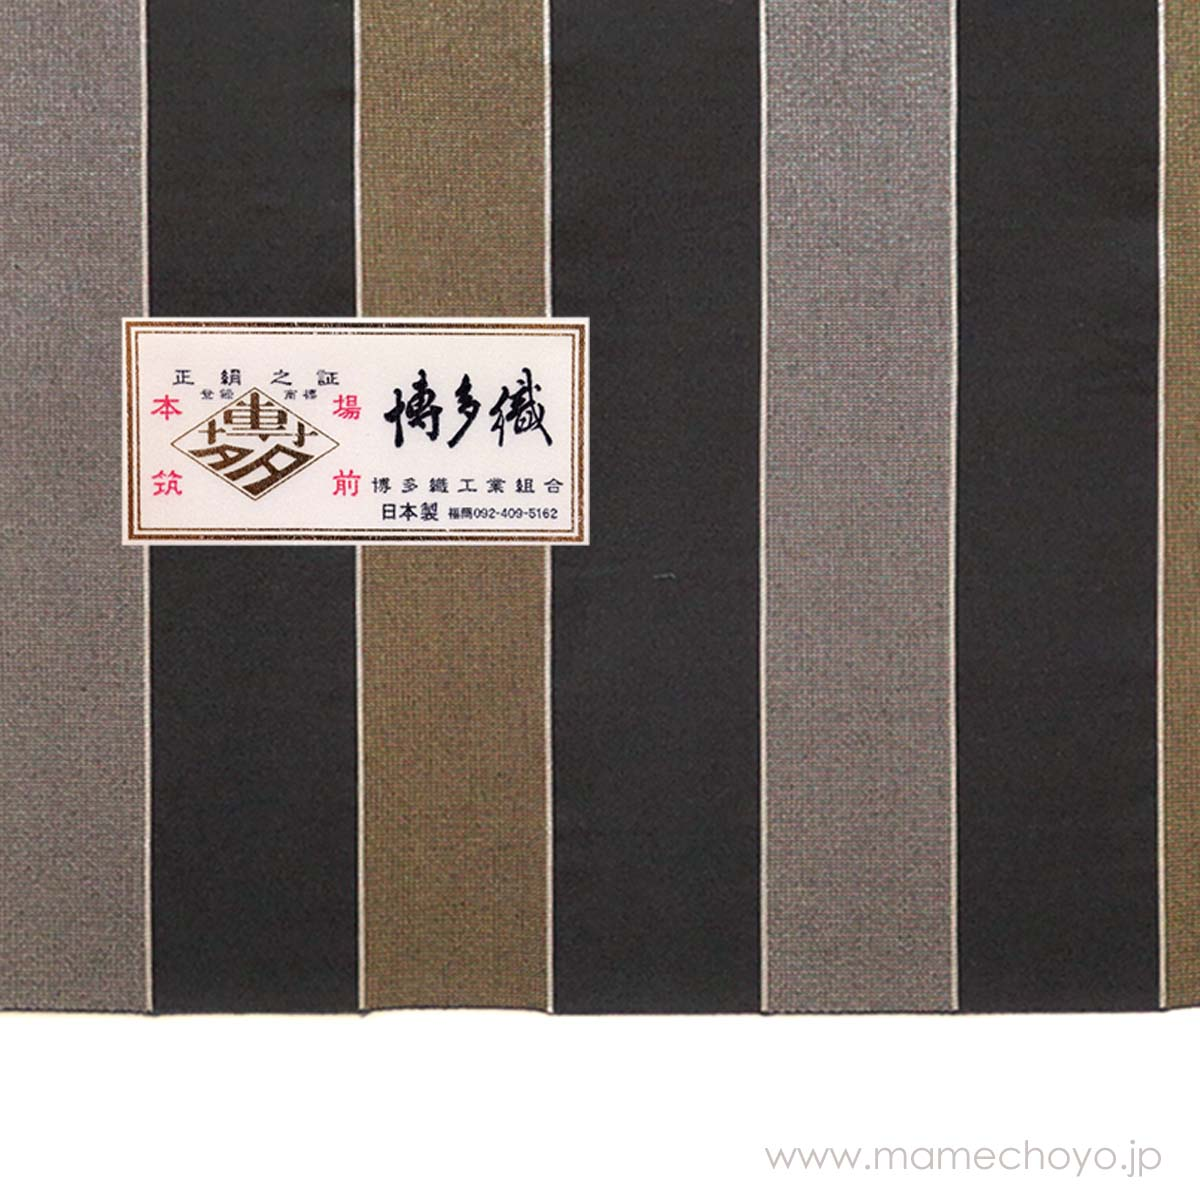 単衣帯 博多織ひとへこえ「Heliodor(ヘリオドール)」 (mamechiyo modern Couture)